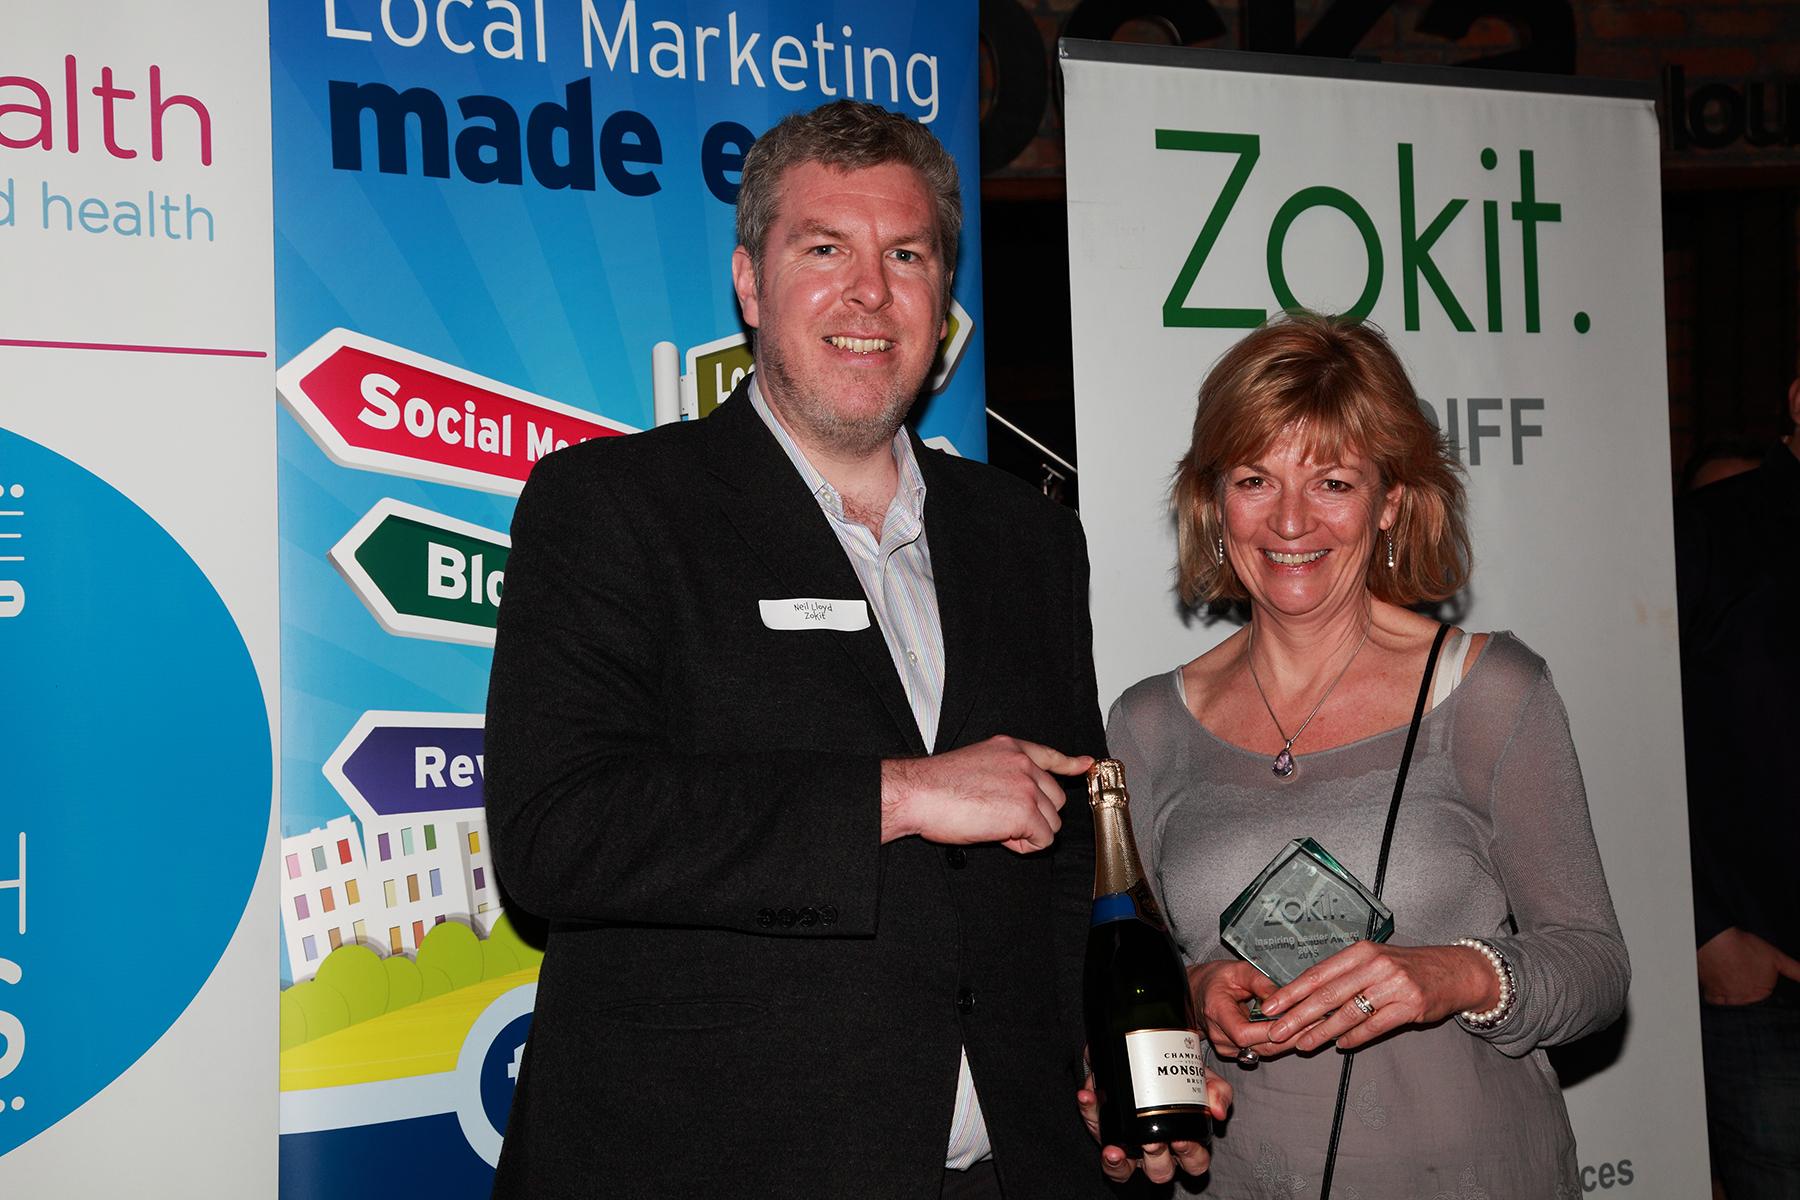 Zokit Awards Winner Jane Hafren